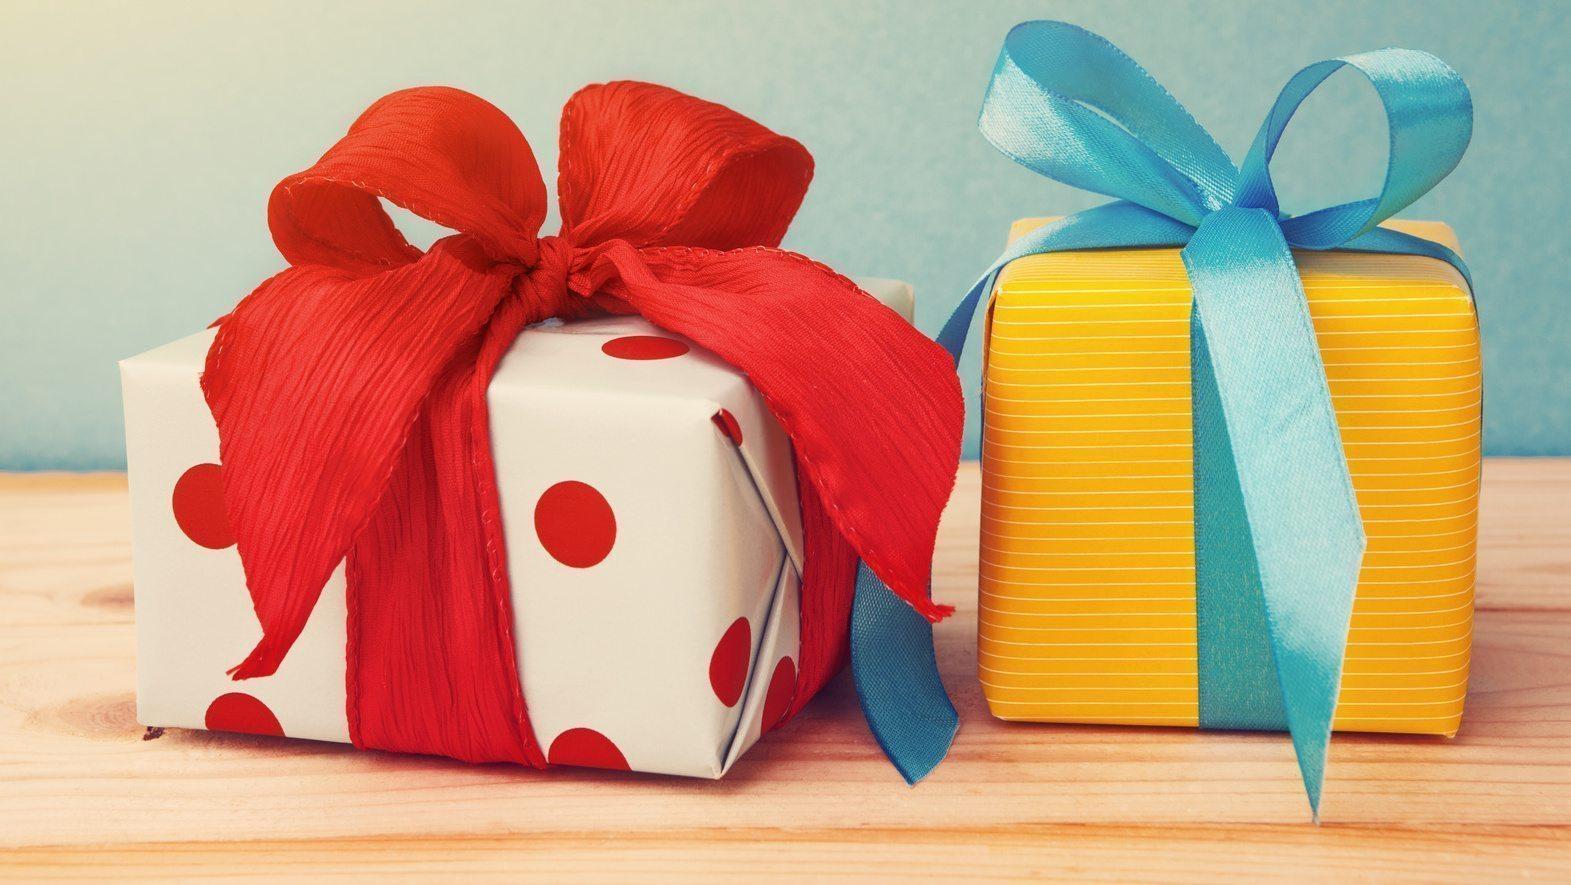 Das Hochzeitsgeschenk So Landest Du Einen Volltreffer